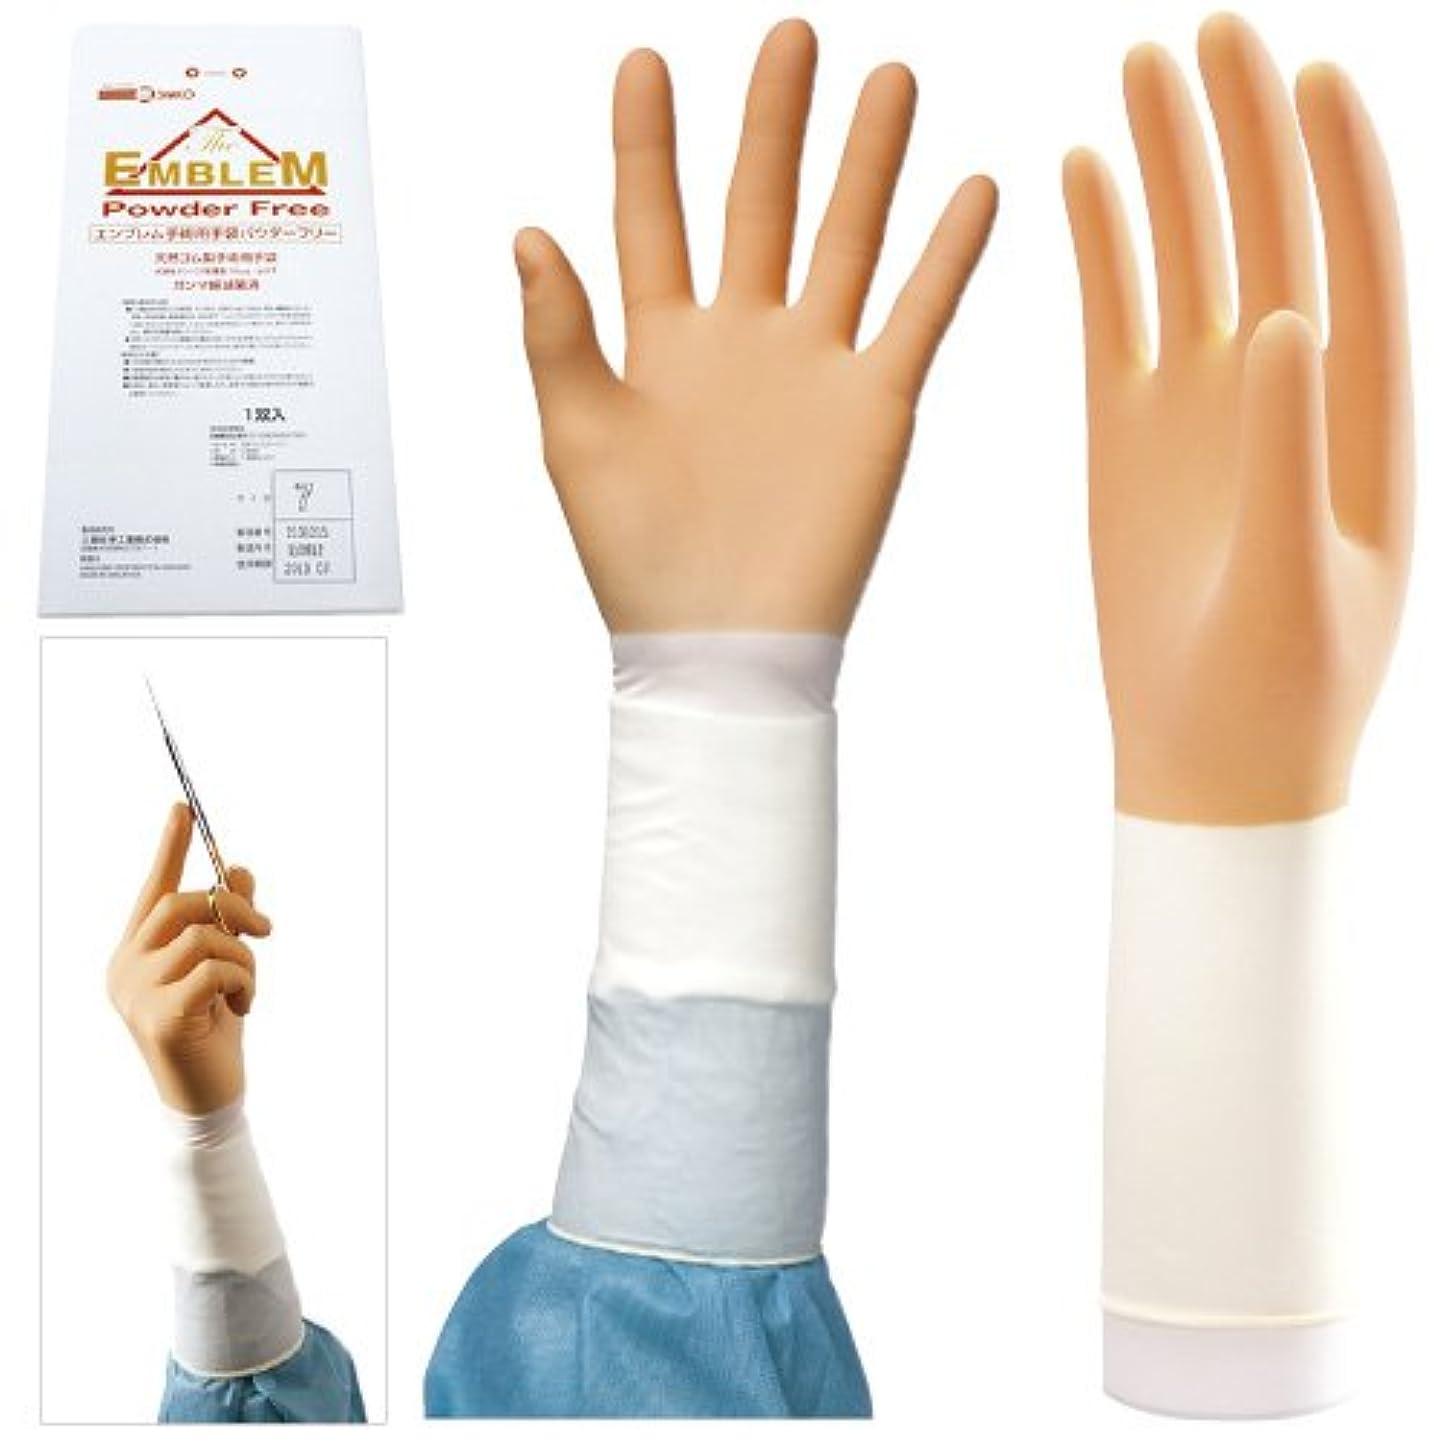 広がりレジ損なうエンブレム手術用手袋 パウダーフリー NEW(20双入) 6.5